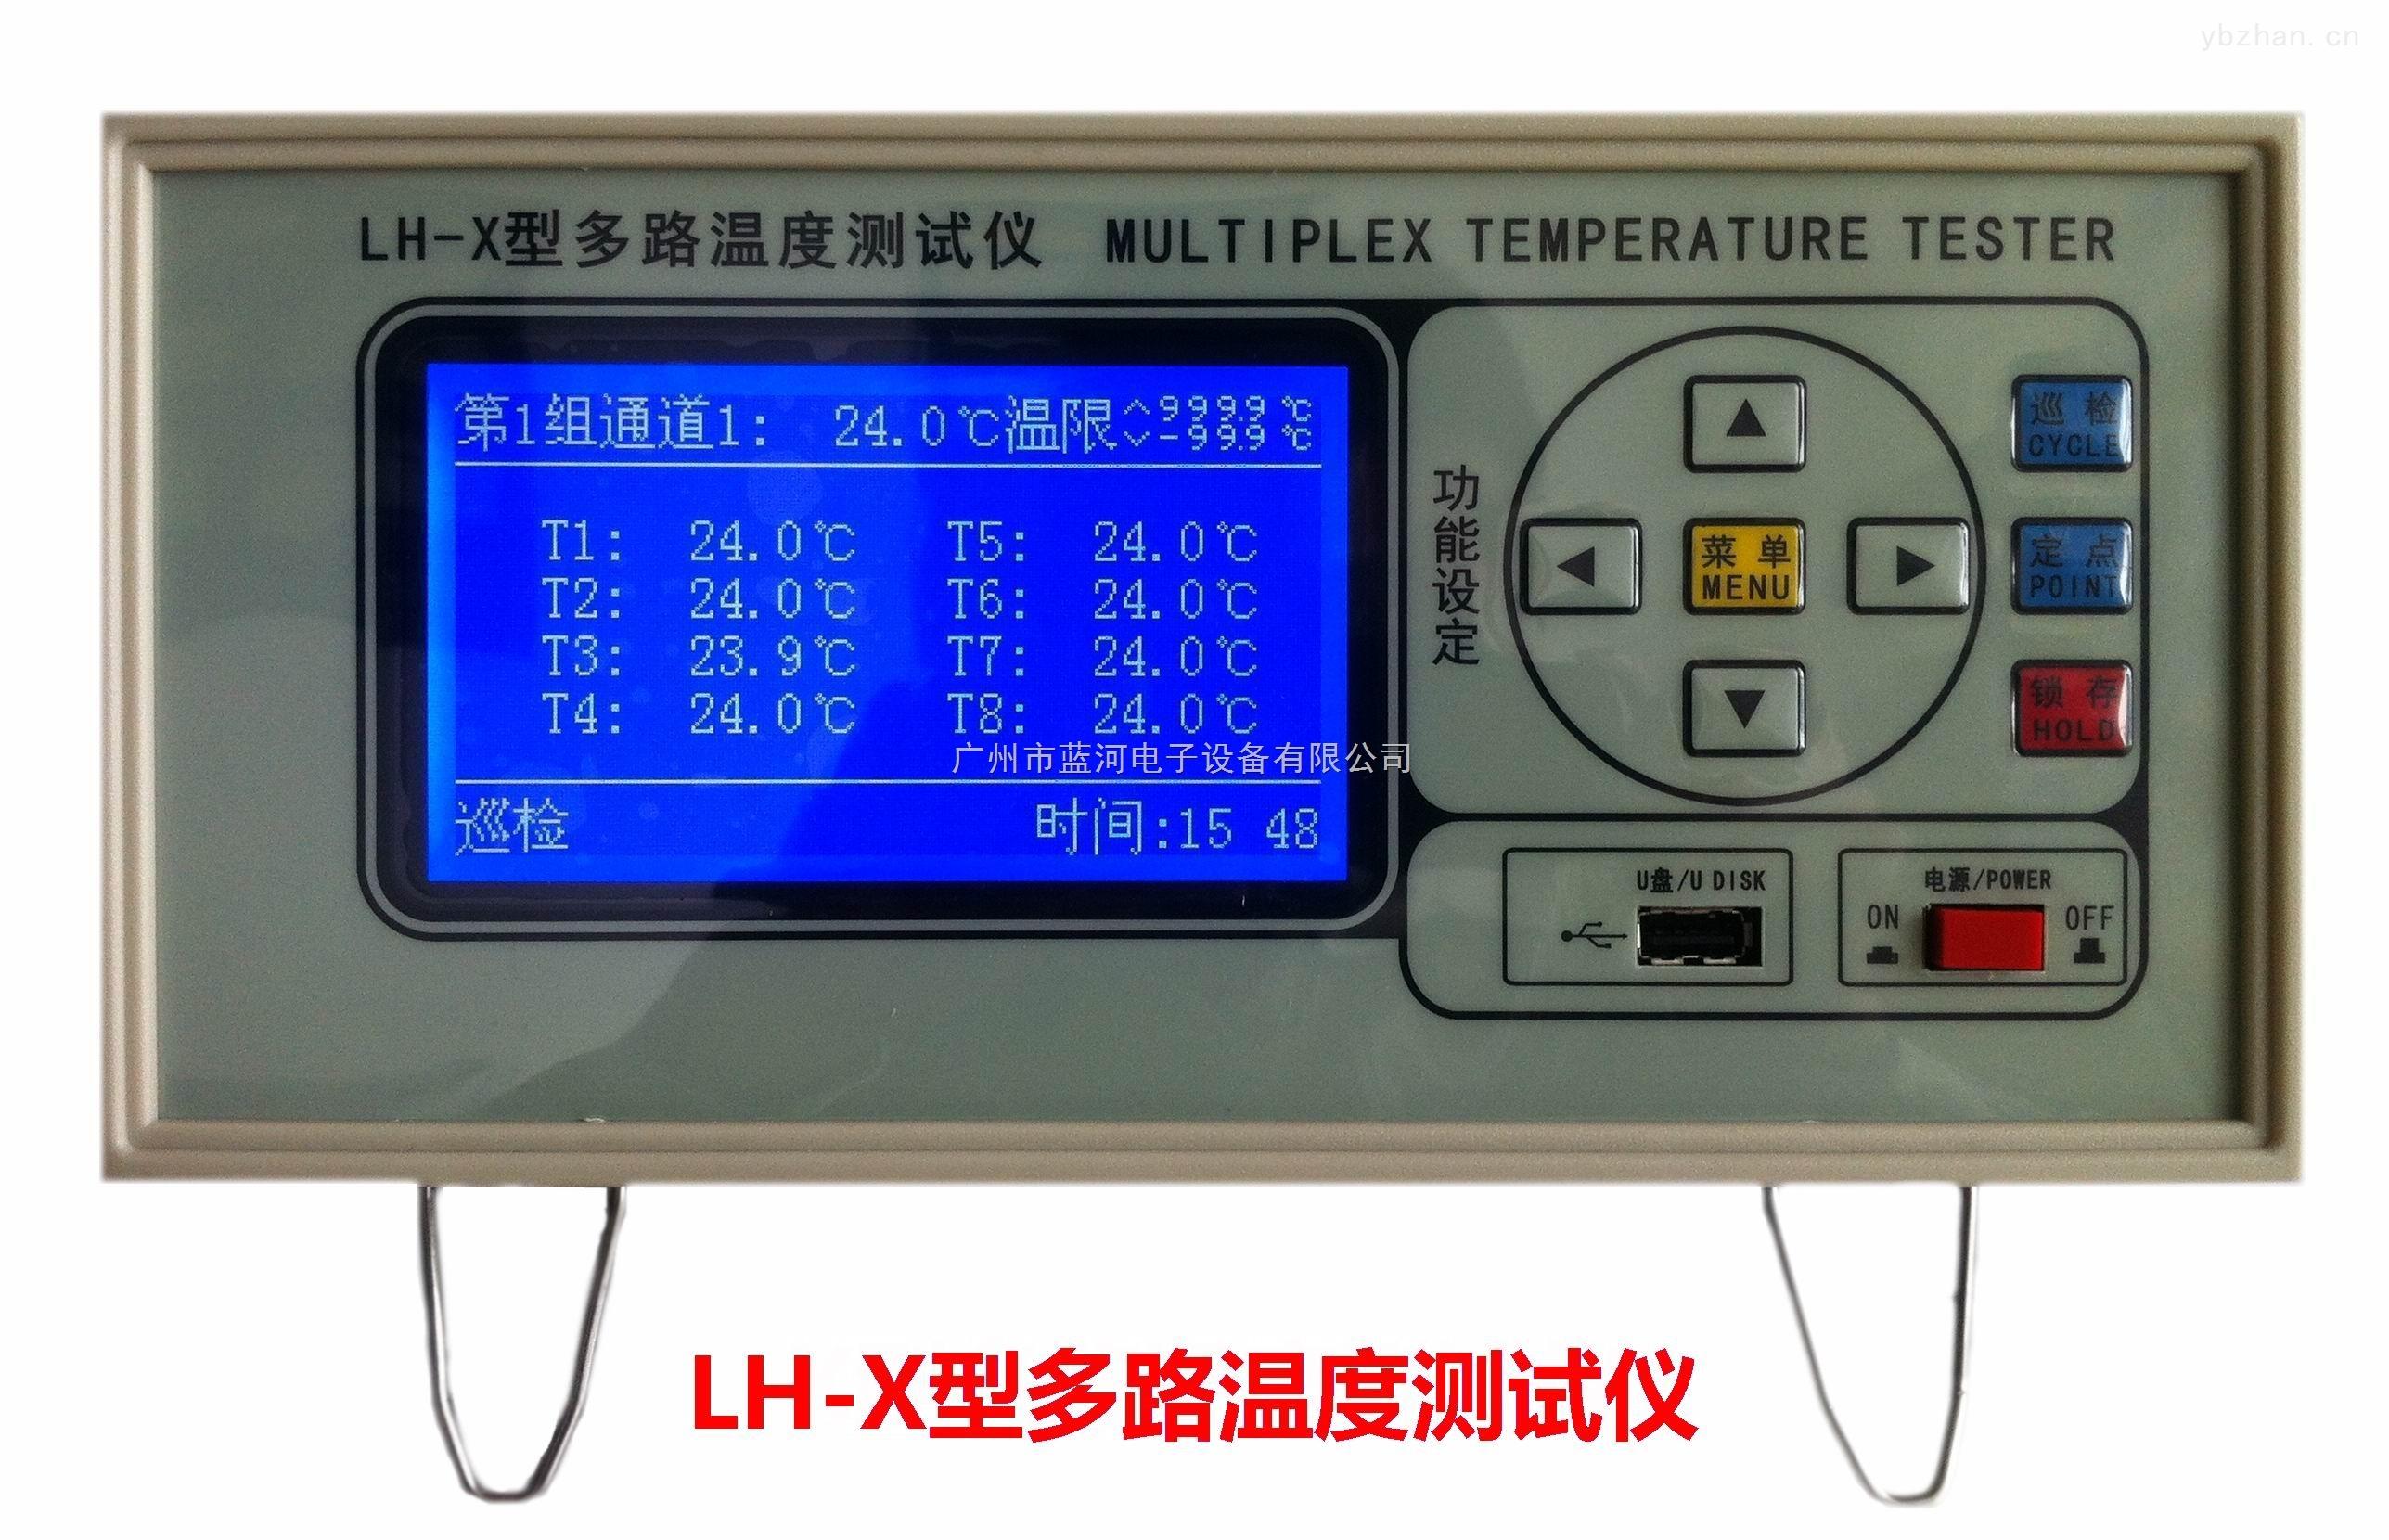 蓝河直销LH-X系列多路温度测量仪 厂家专卖 多通道温度检测仪 多点温度记录仪